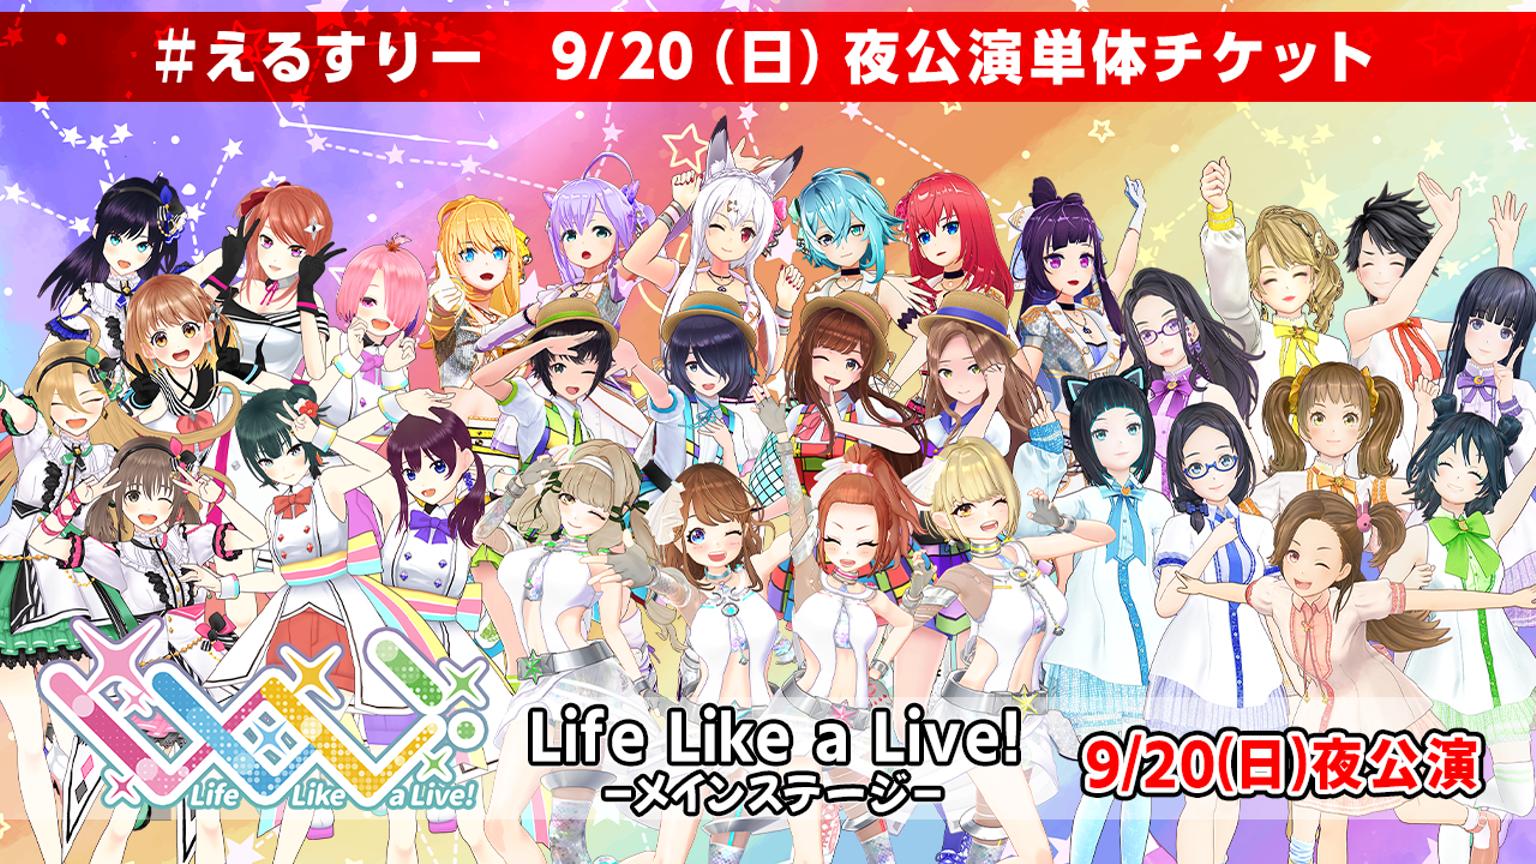 【9/20(日)夜】Life Like a Live!